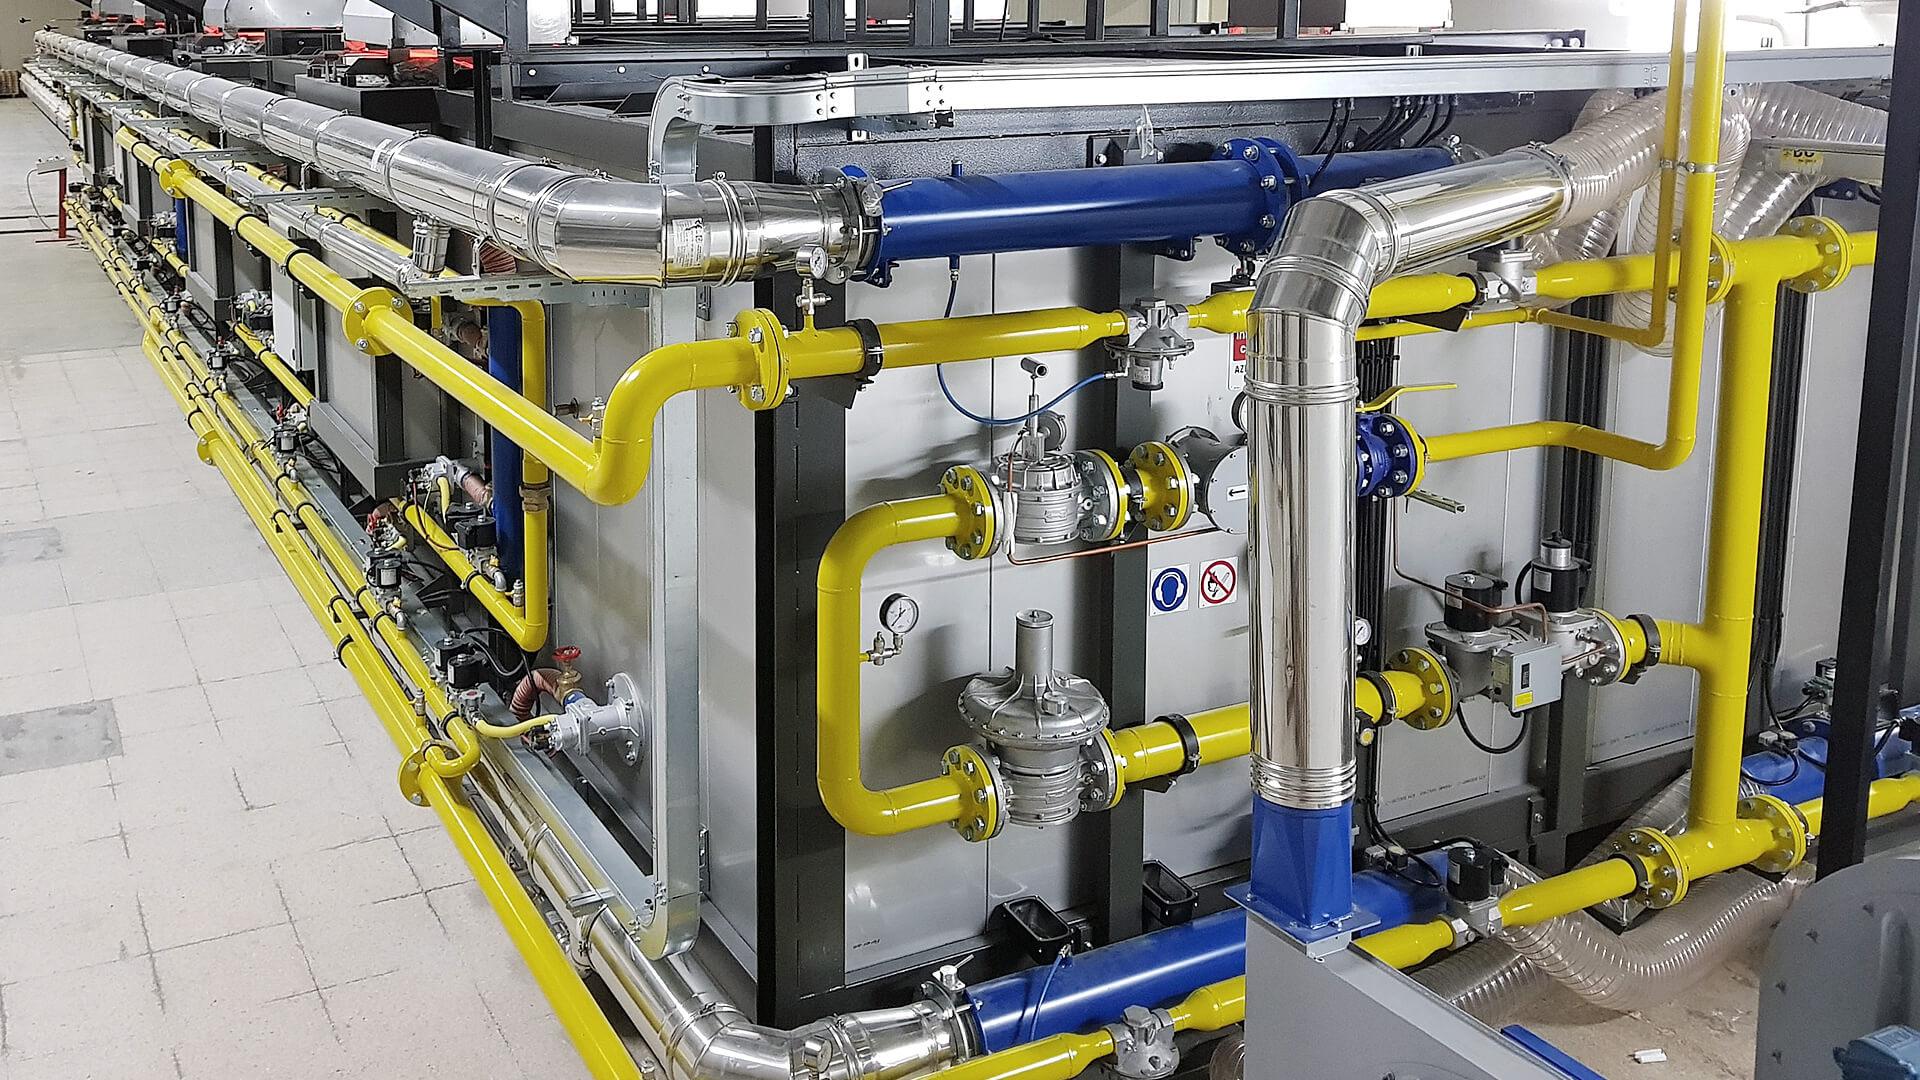 Forno industriale per Forno Monopiano | Pagnotta Termomeccanica